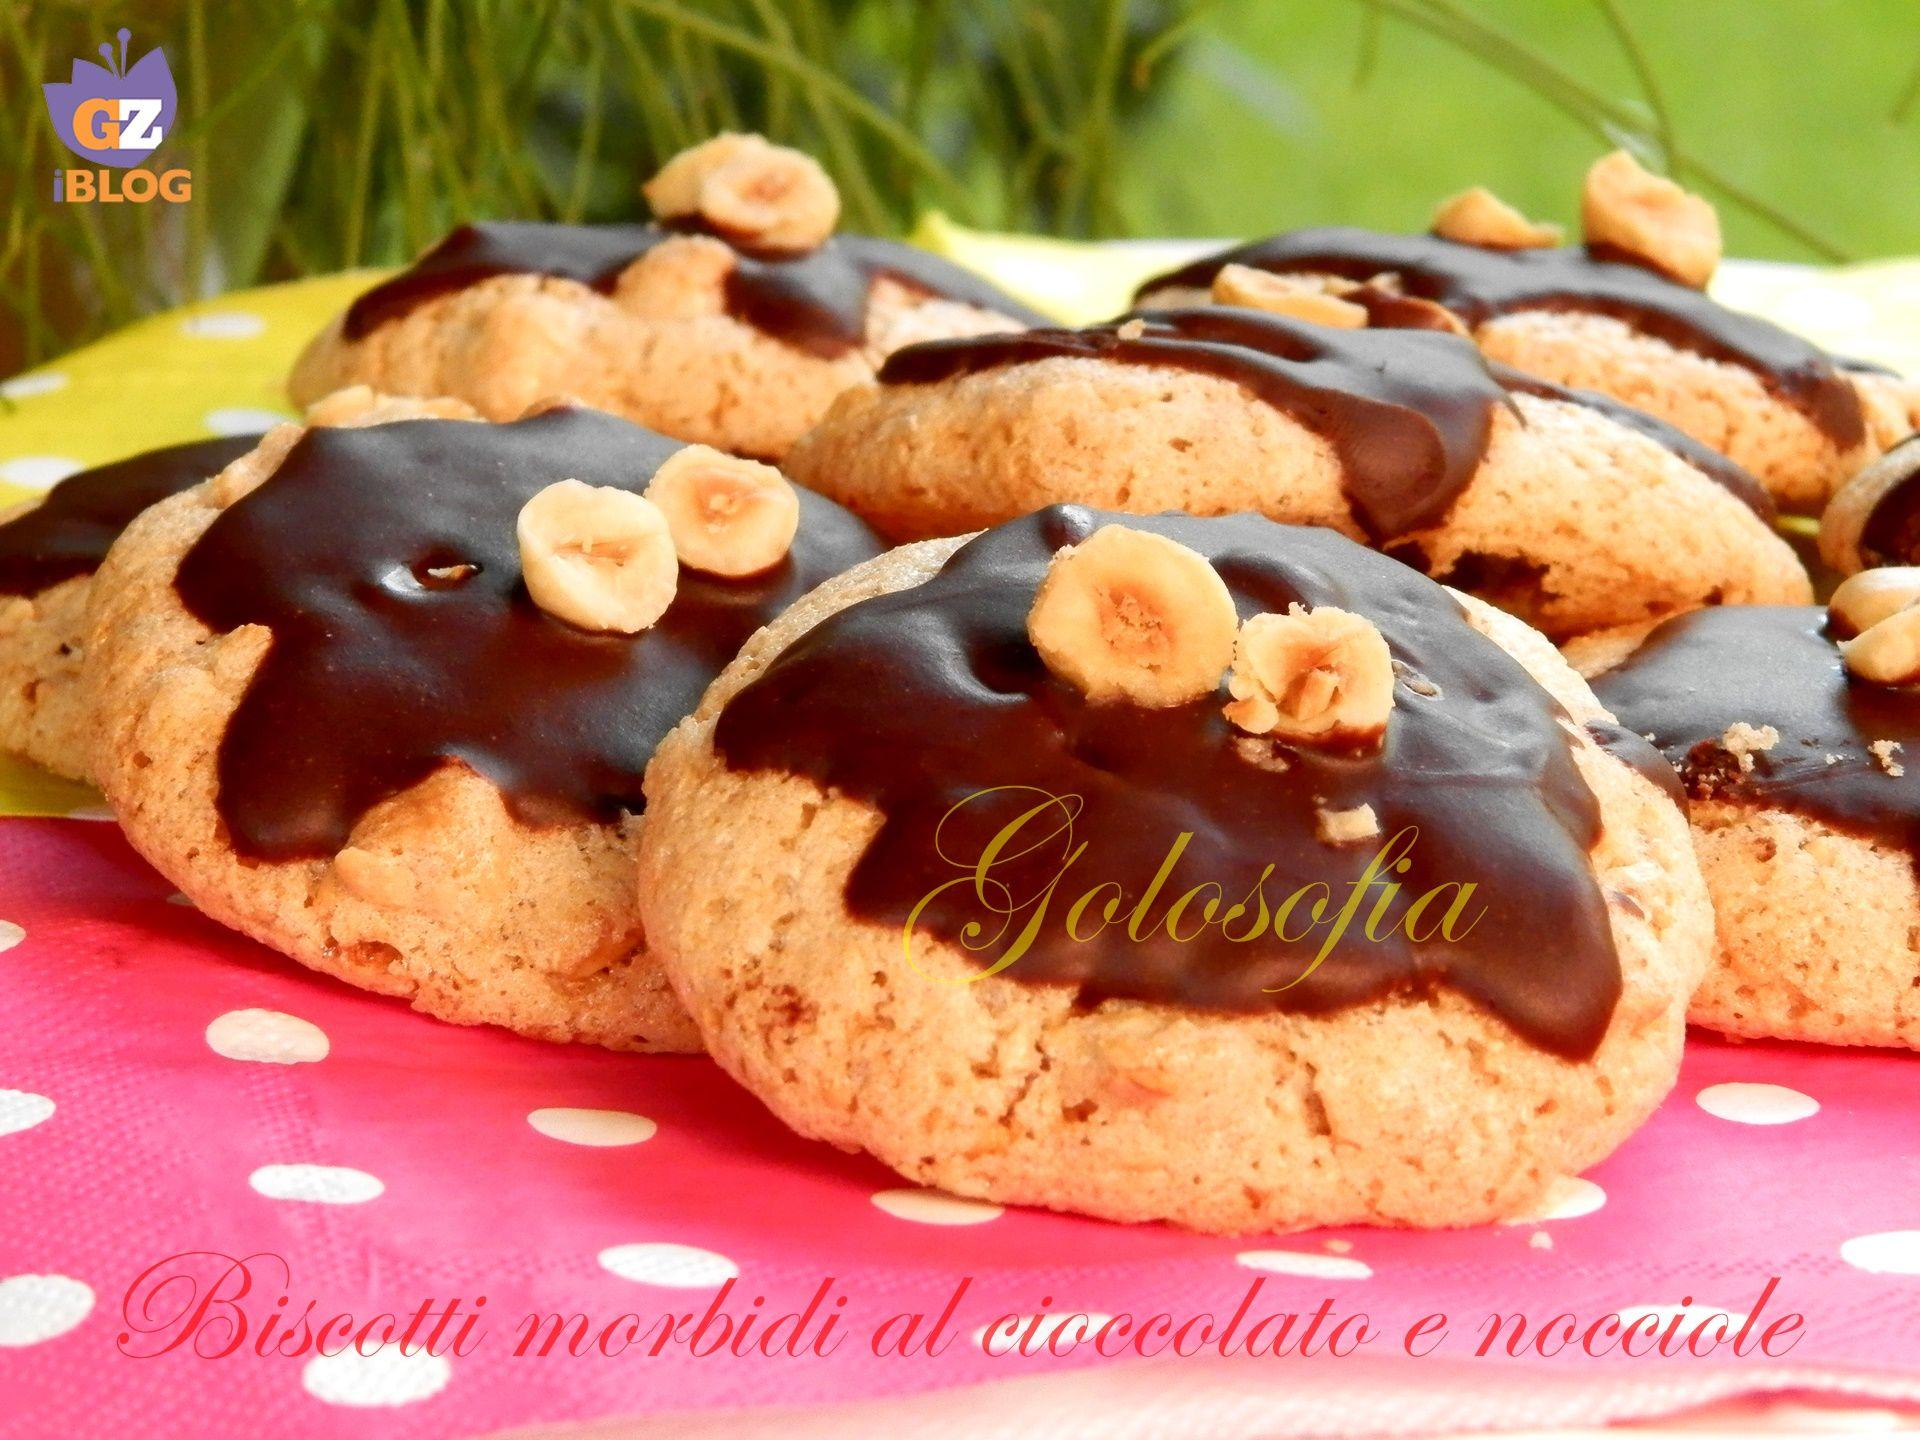 Biscotti morbidi al cioccolato e nocciole-ricetta velocissima!